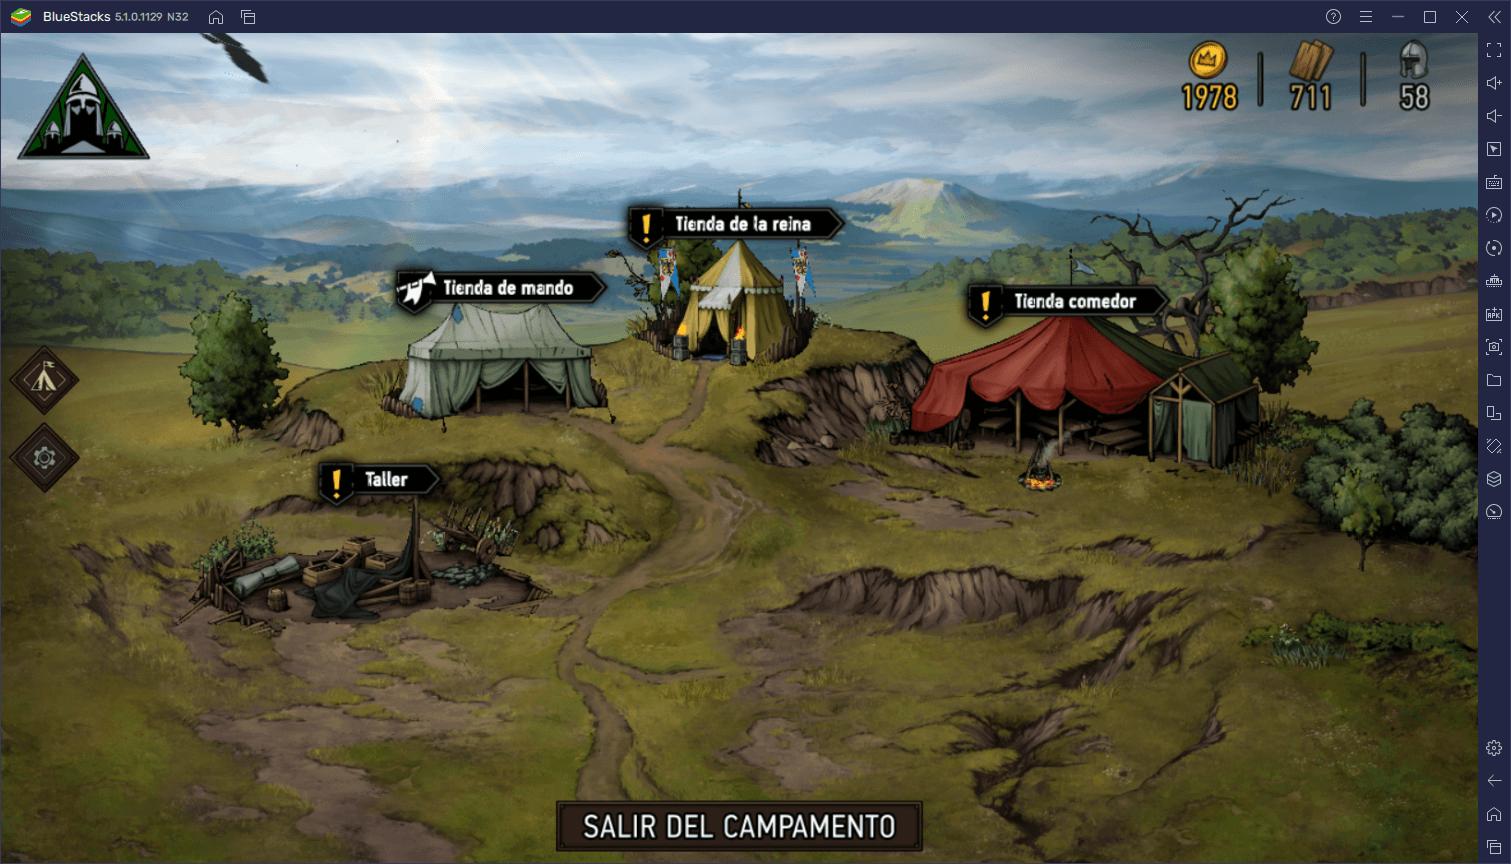 Trucos y Consejos de BlueStacks Para The Witcher Tales: Thronebreaker